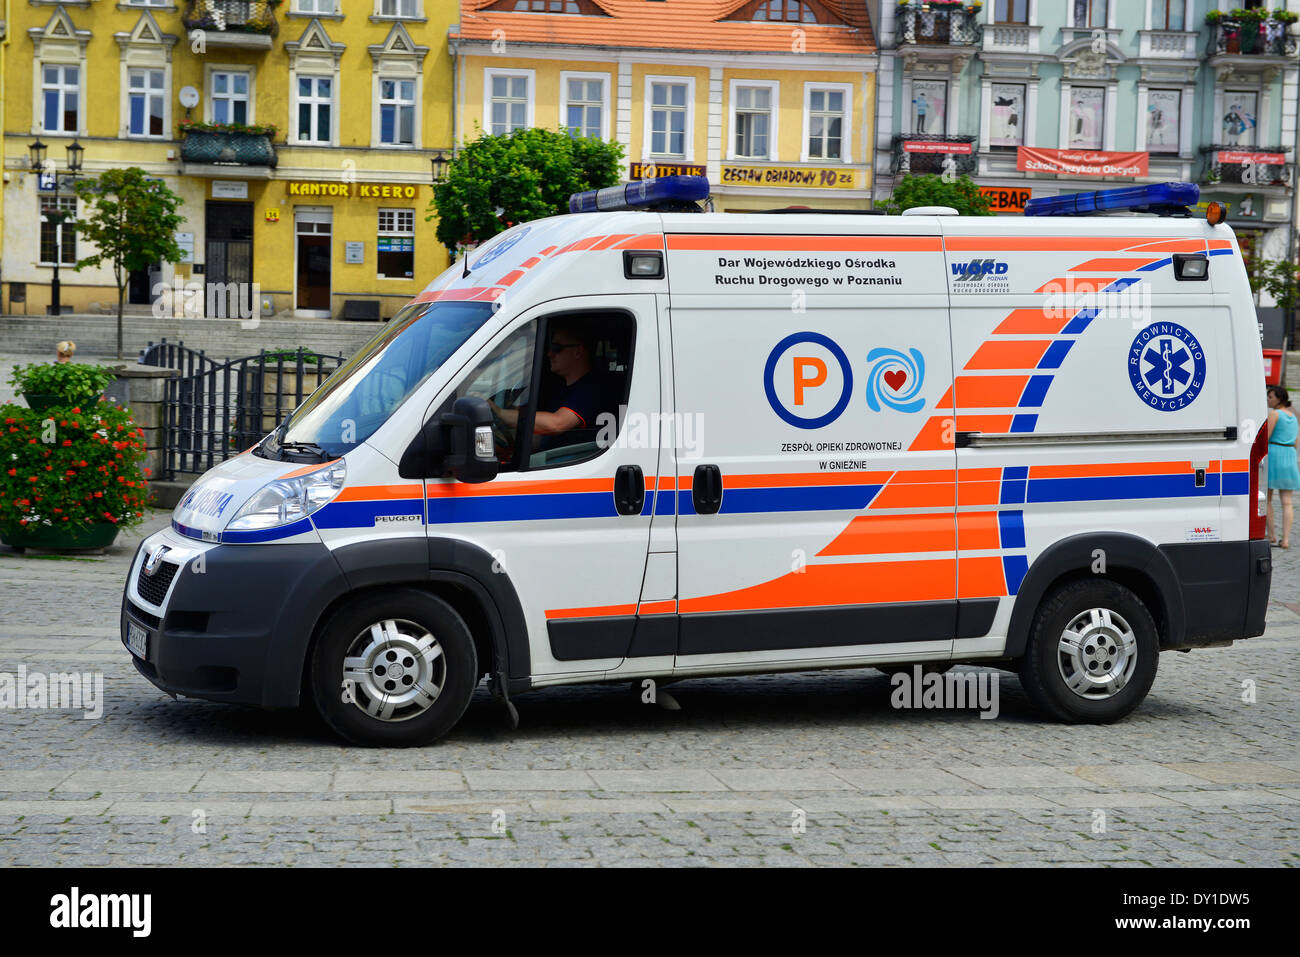 Ambulance, Poland - Stock Image